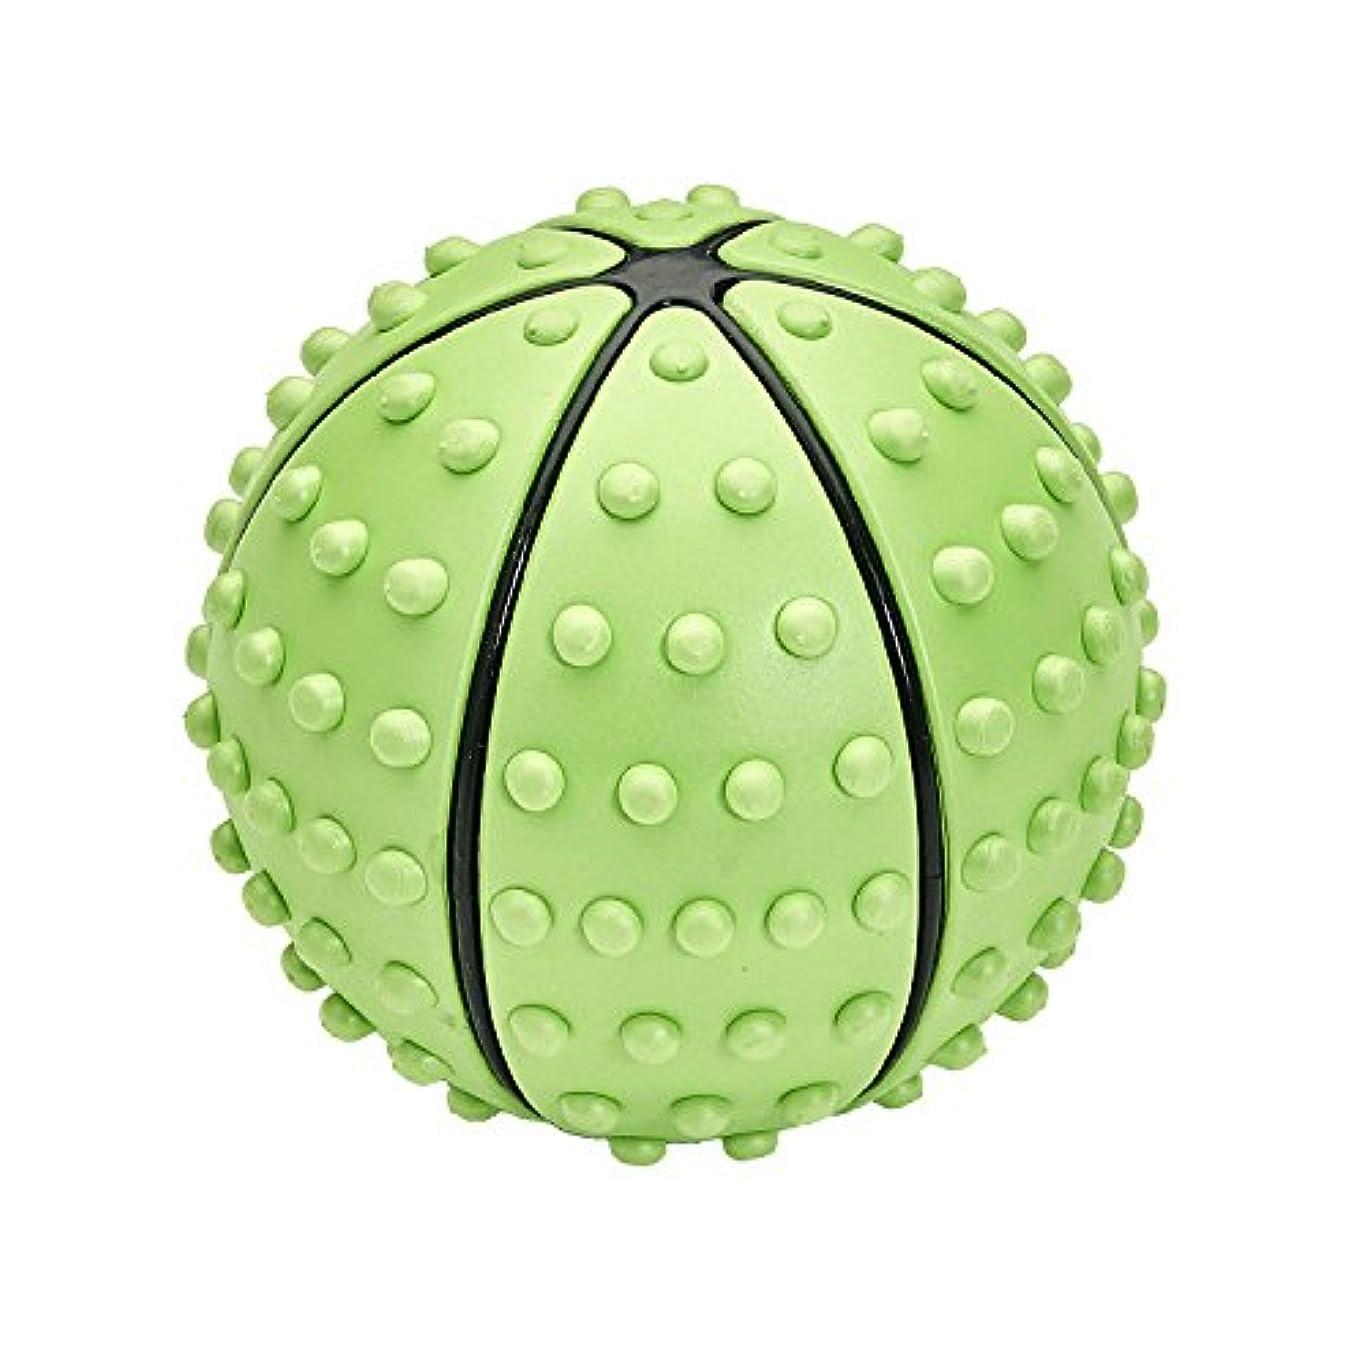 特権今日デコラティブIRONMAN CLUB(鉄人倶楽部) 指圧 ストレッチ ボール KW-900 リフレッシュ トレーニング こりほぐし